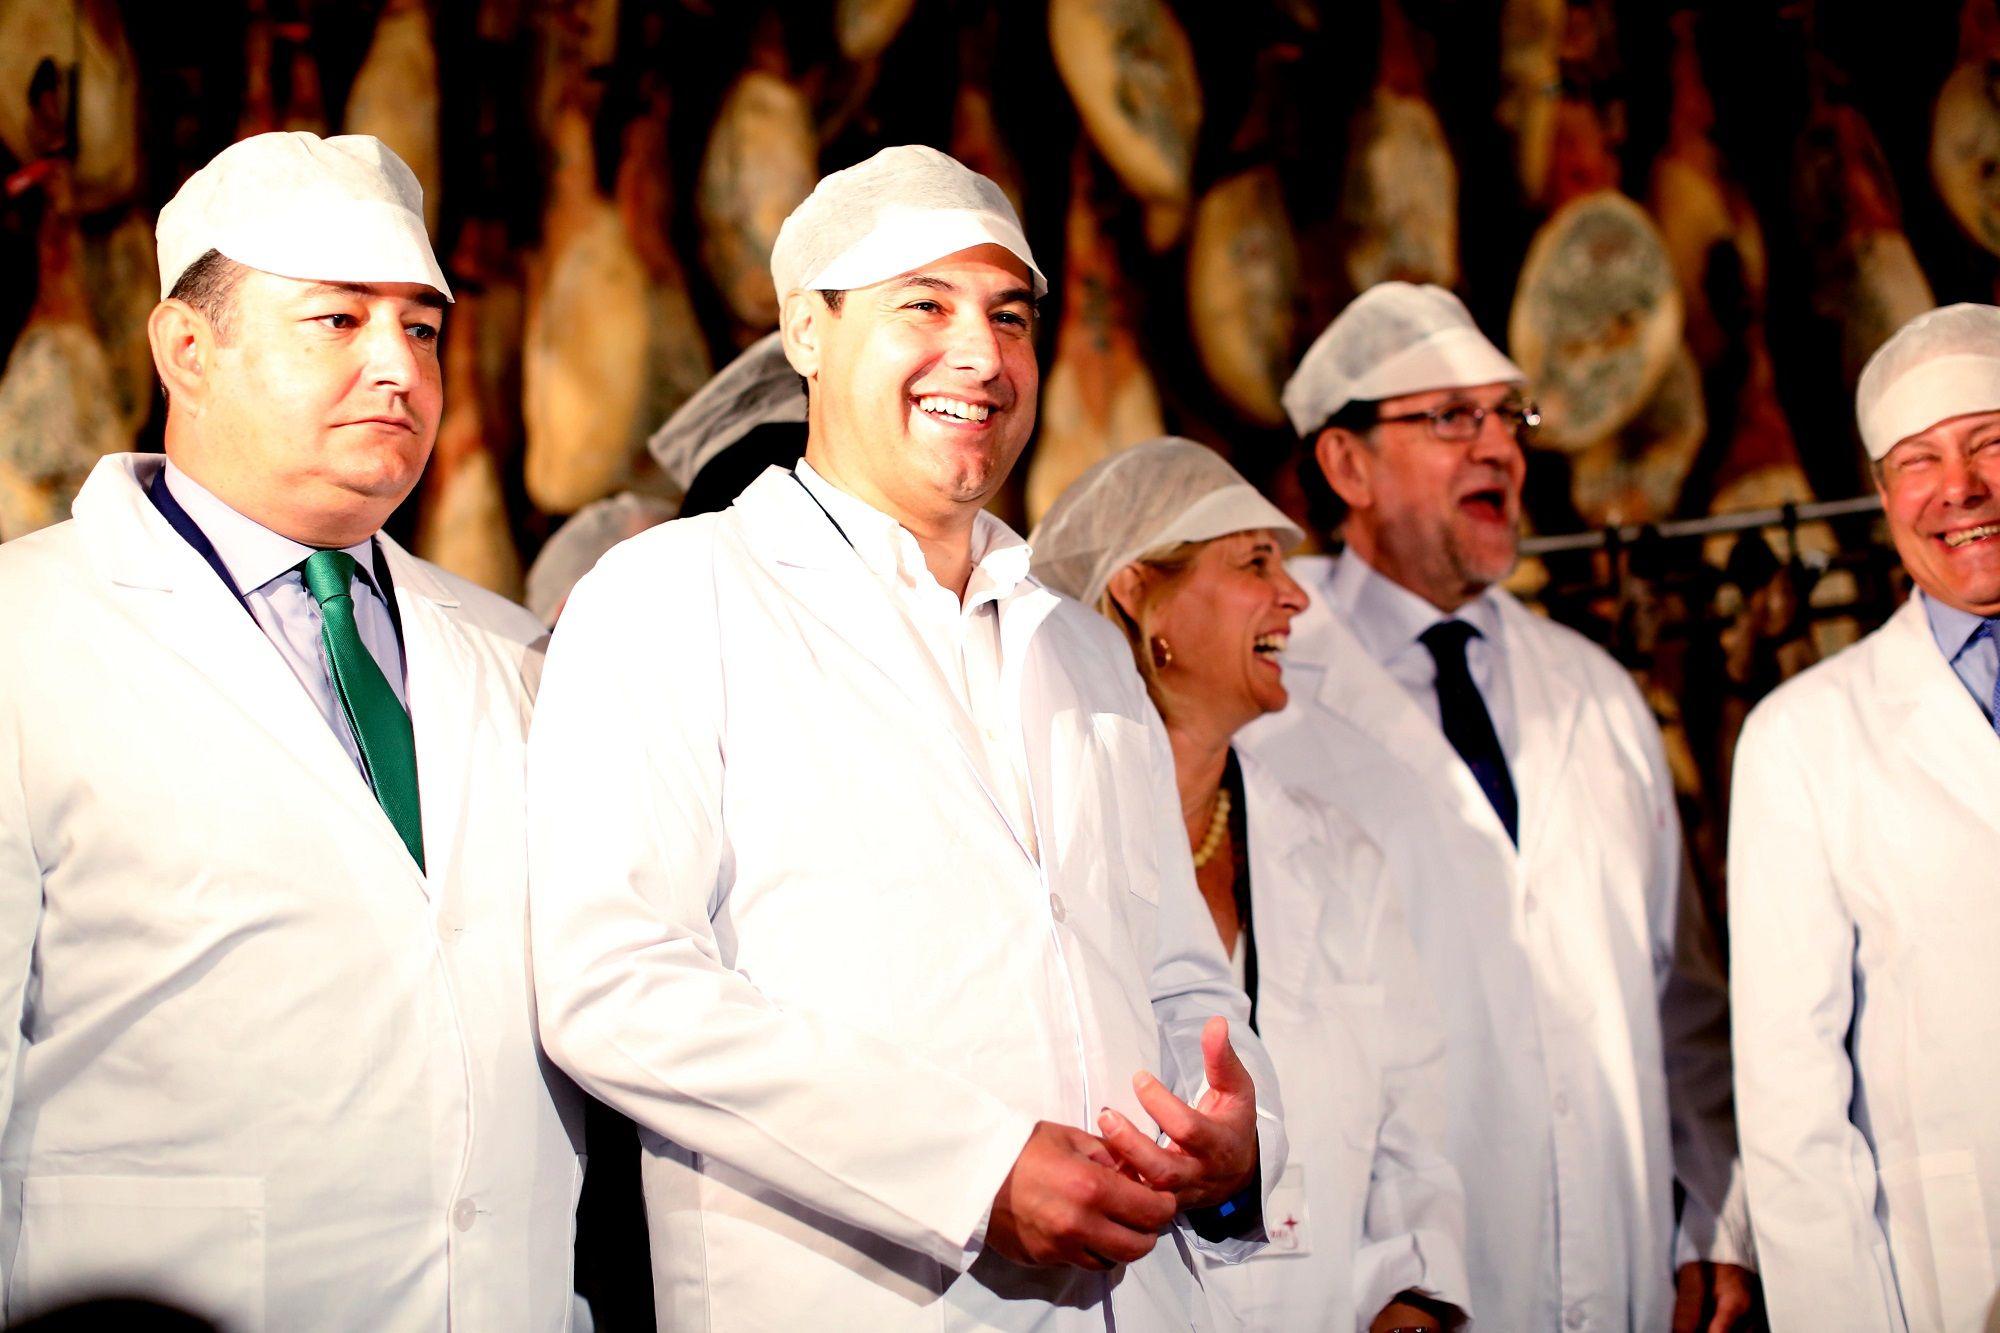 Mariano Rajoy en su visita a la fábrica jerezana Montesierra junto a María José García-Pelayo, Juanma Moreno y Antonio Sanz, 08JUN2016 | Juan Carlos Corchado para MIRA Jerez